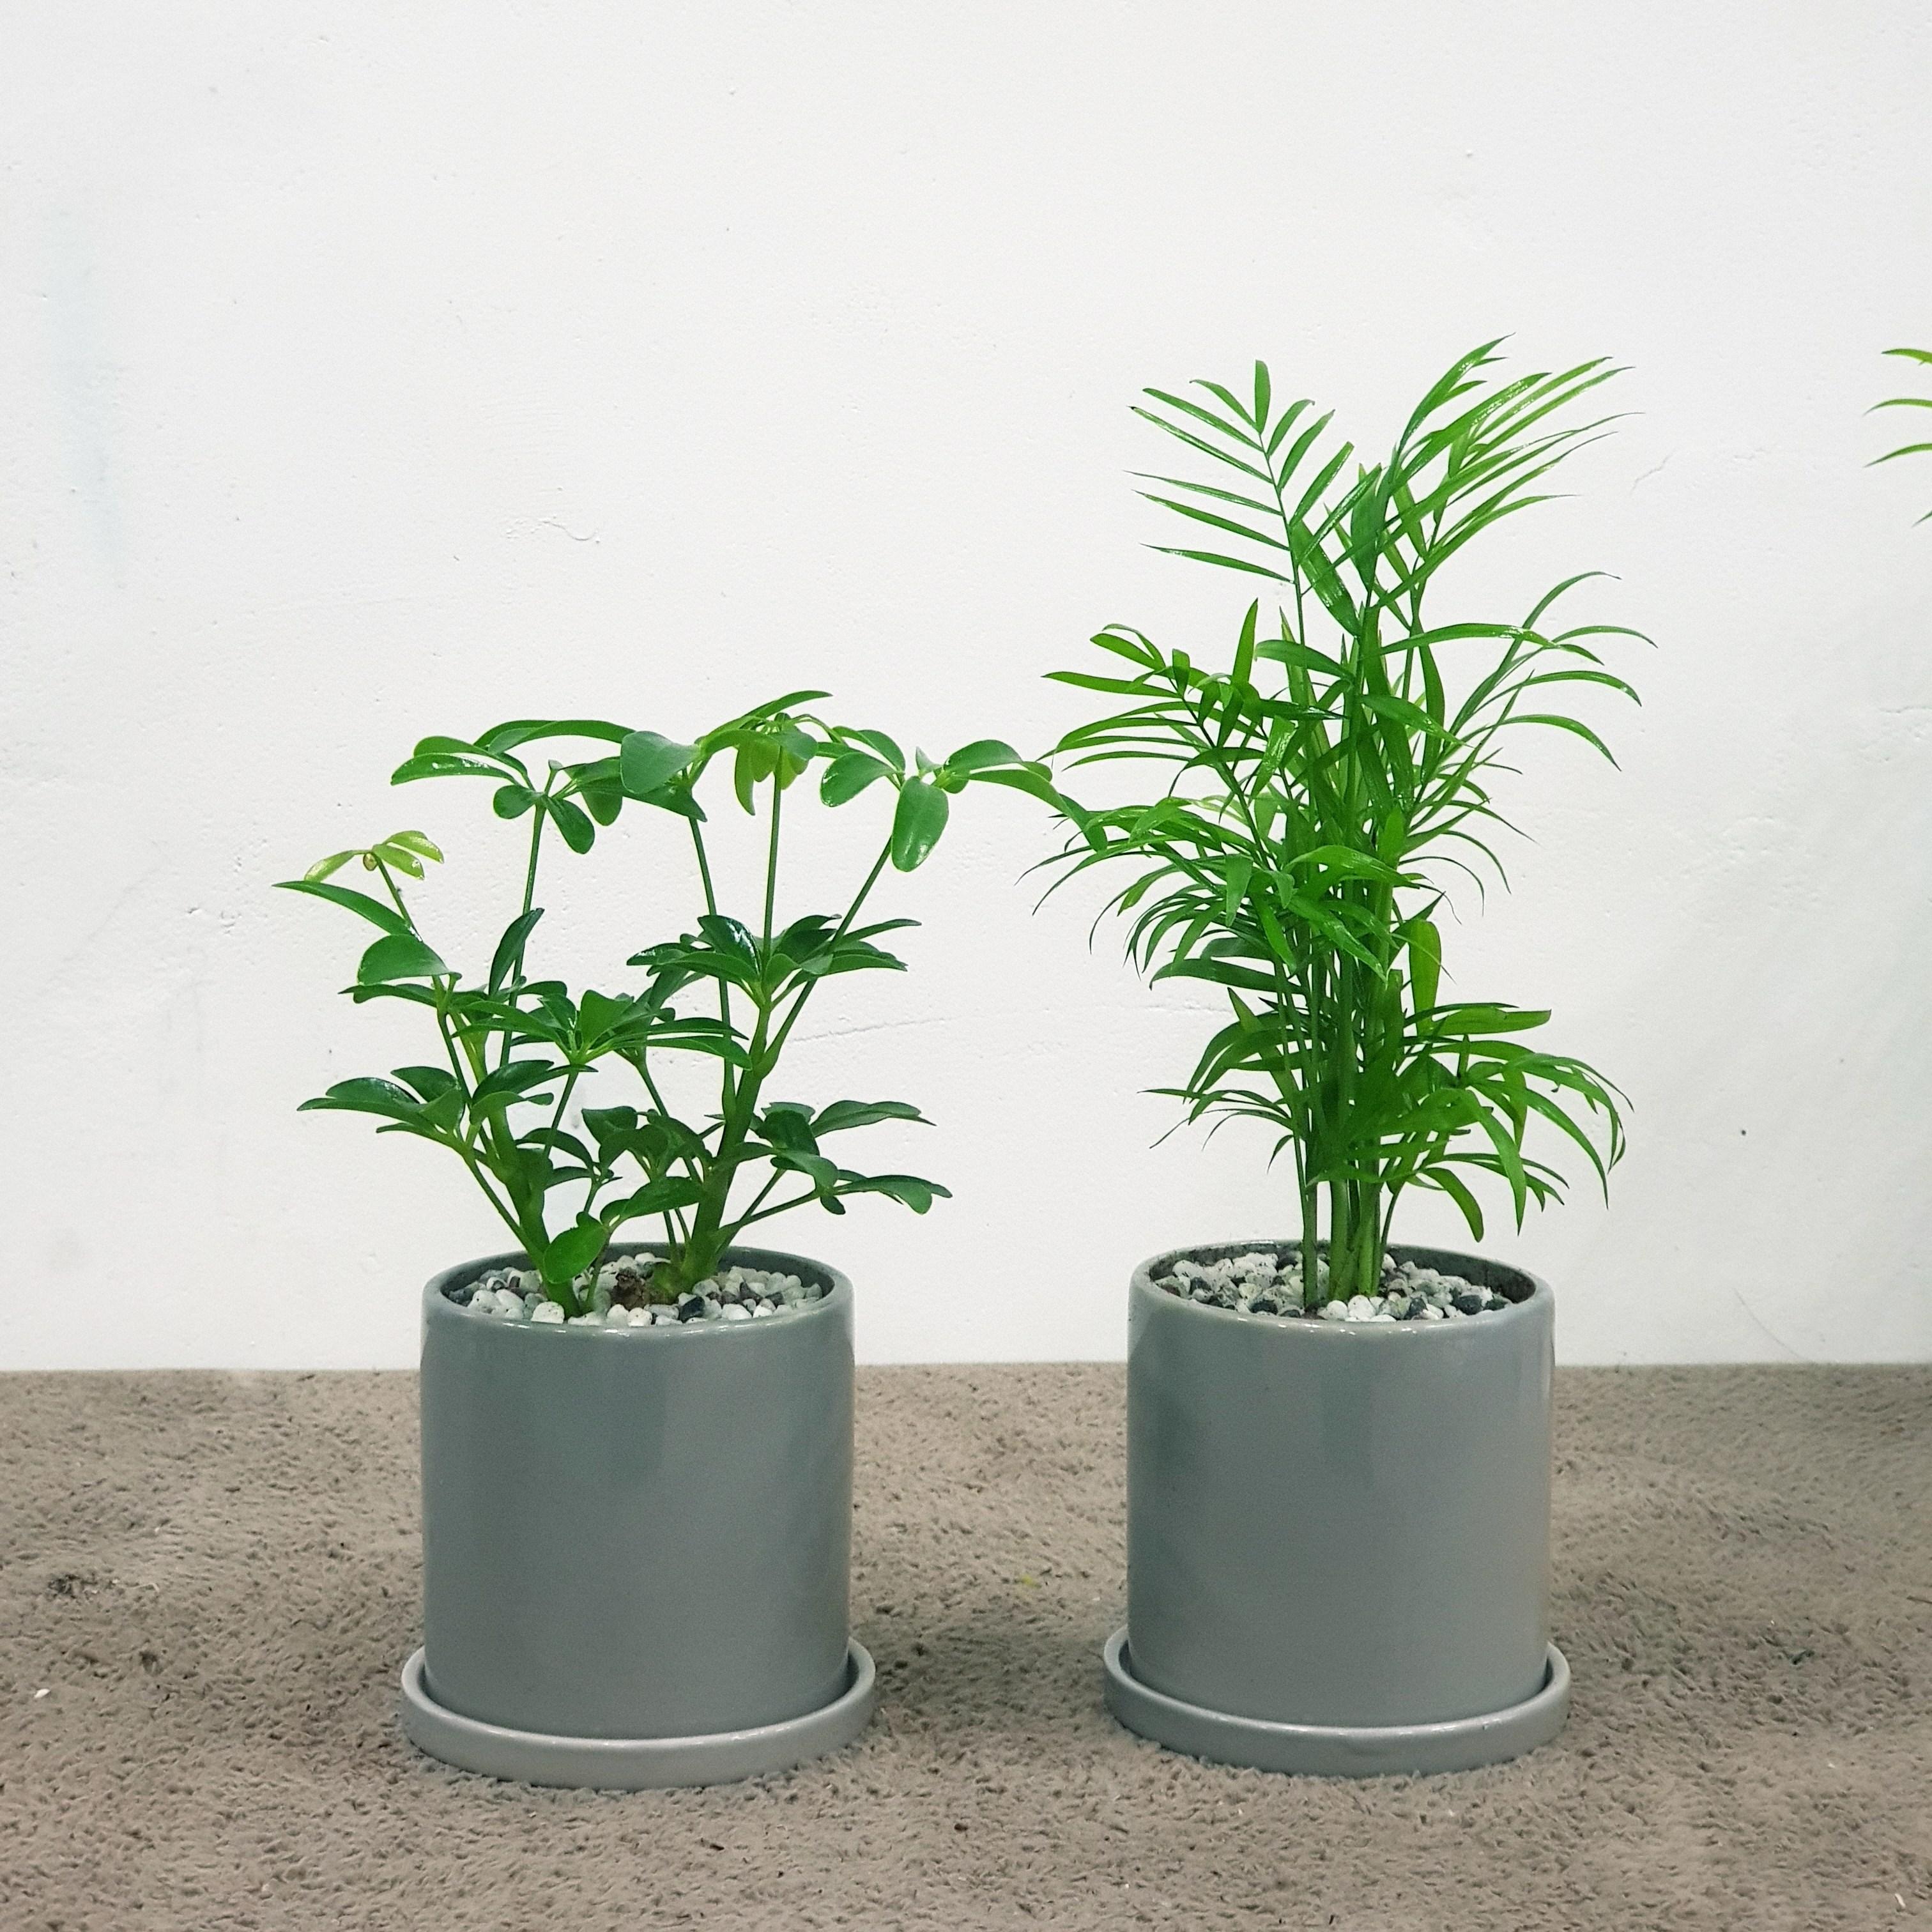 꽃피우는청년 천연가습기 실내공기정화식물 2종 세트 (테이블야자 홍콩야자), 유광 원형 그레이